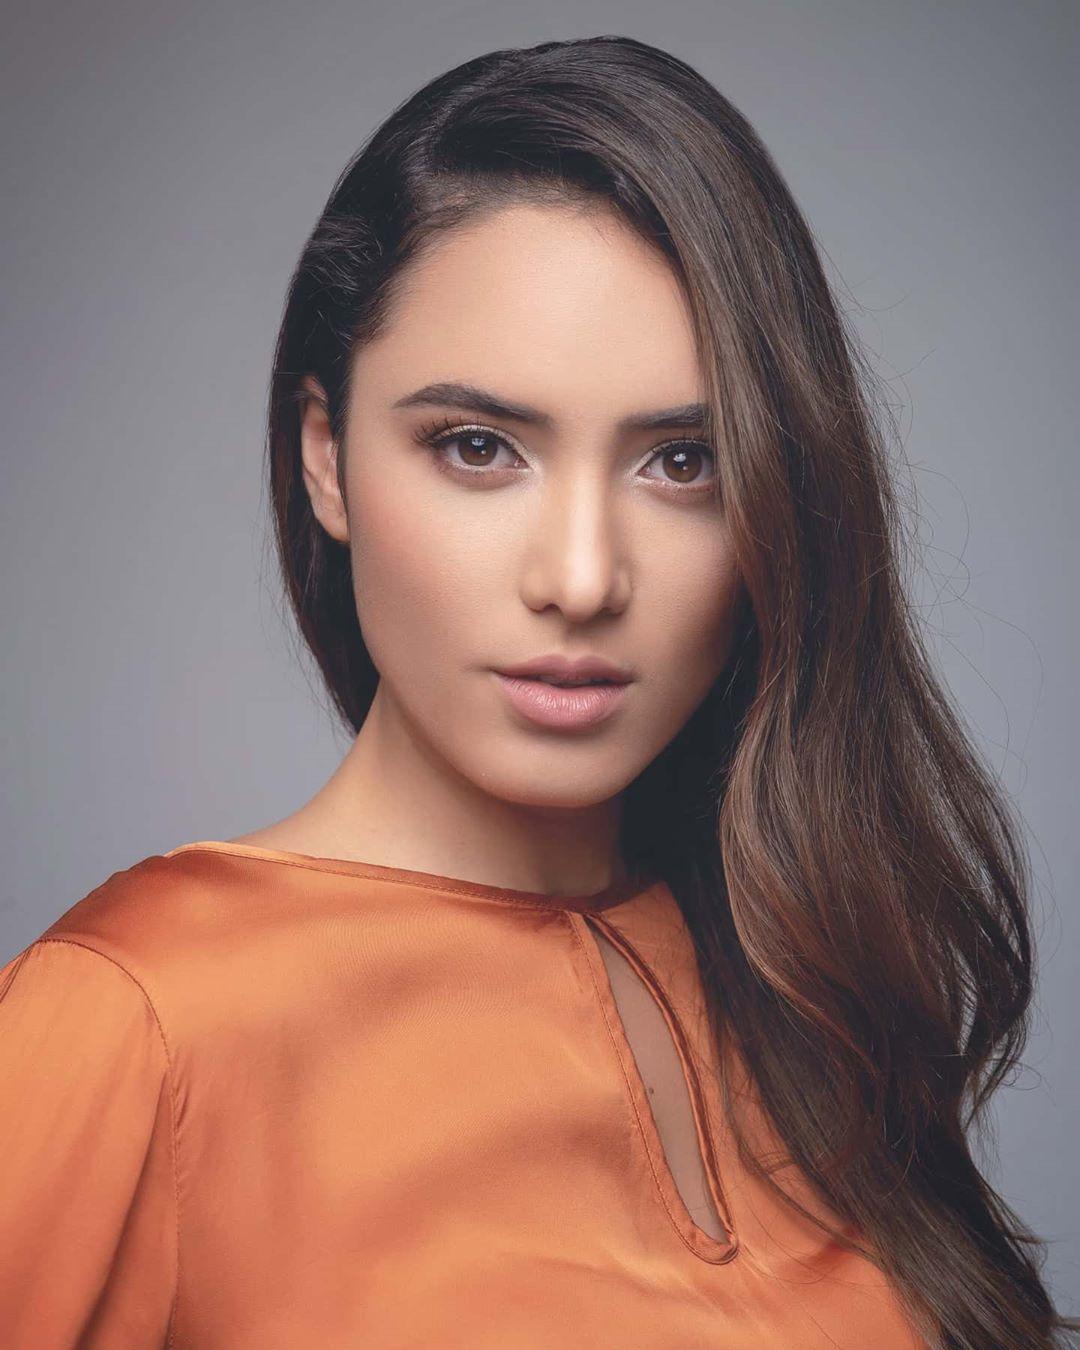 karolina vidales, candidata a miss mexico 2020, representando michoacan. 84613510